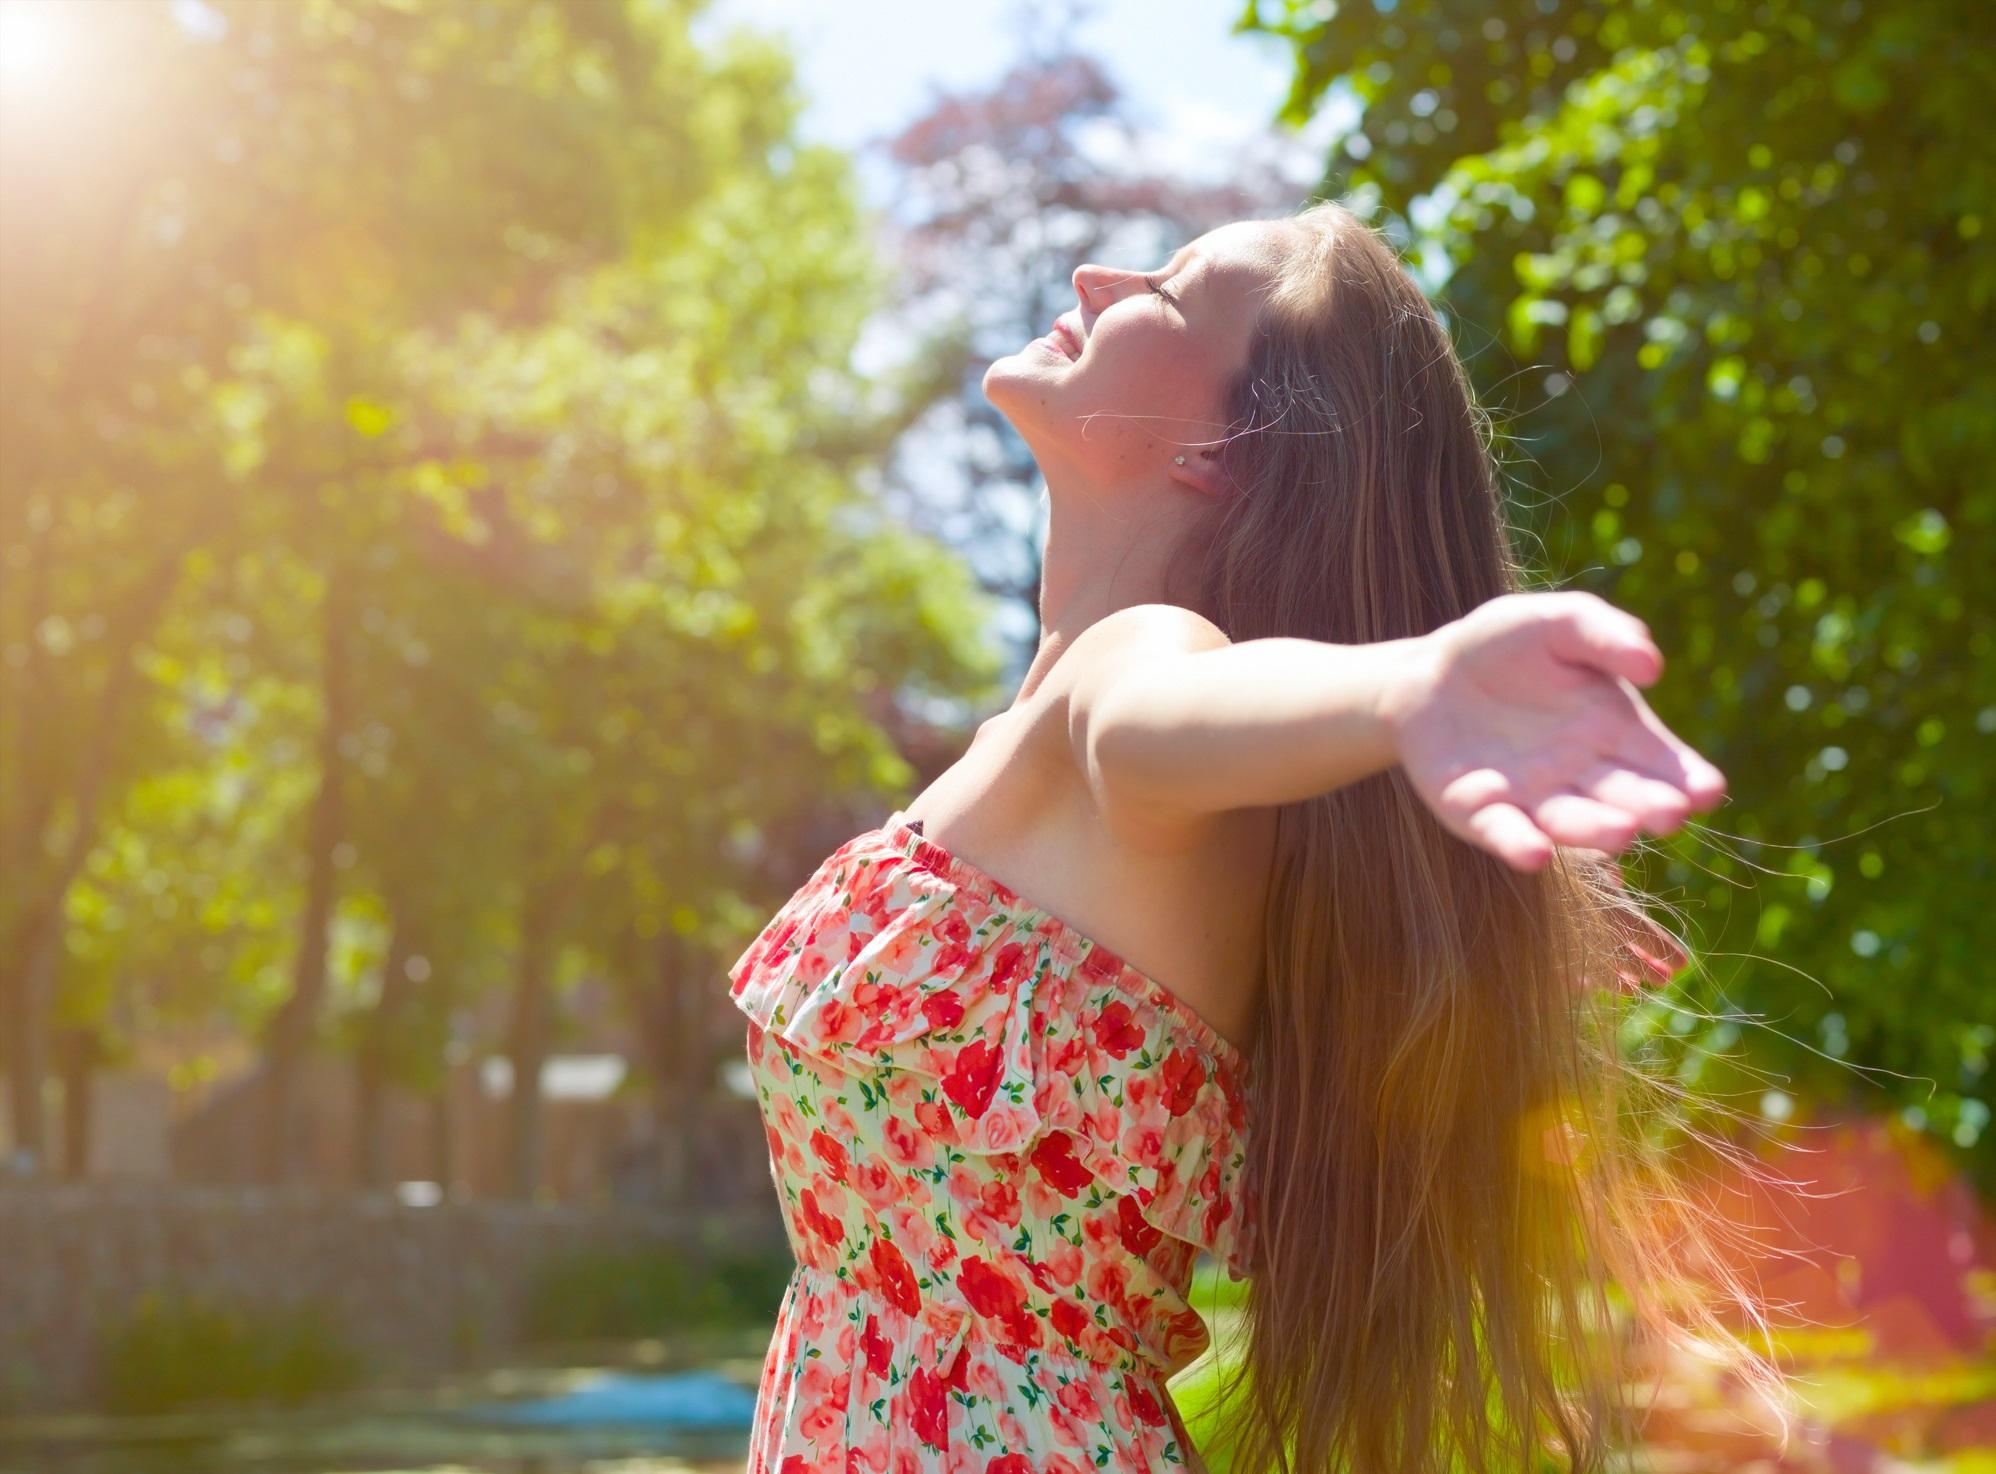 いい女になるために何が必要?彼氏に愛される良い女の条件10選